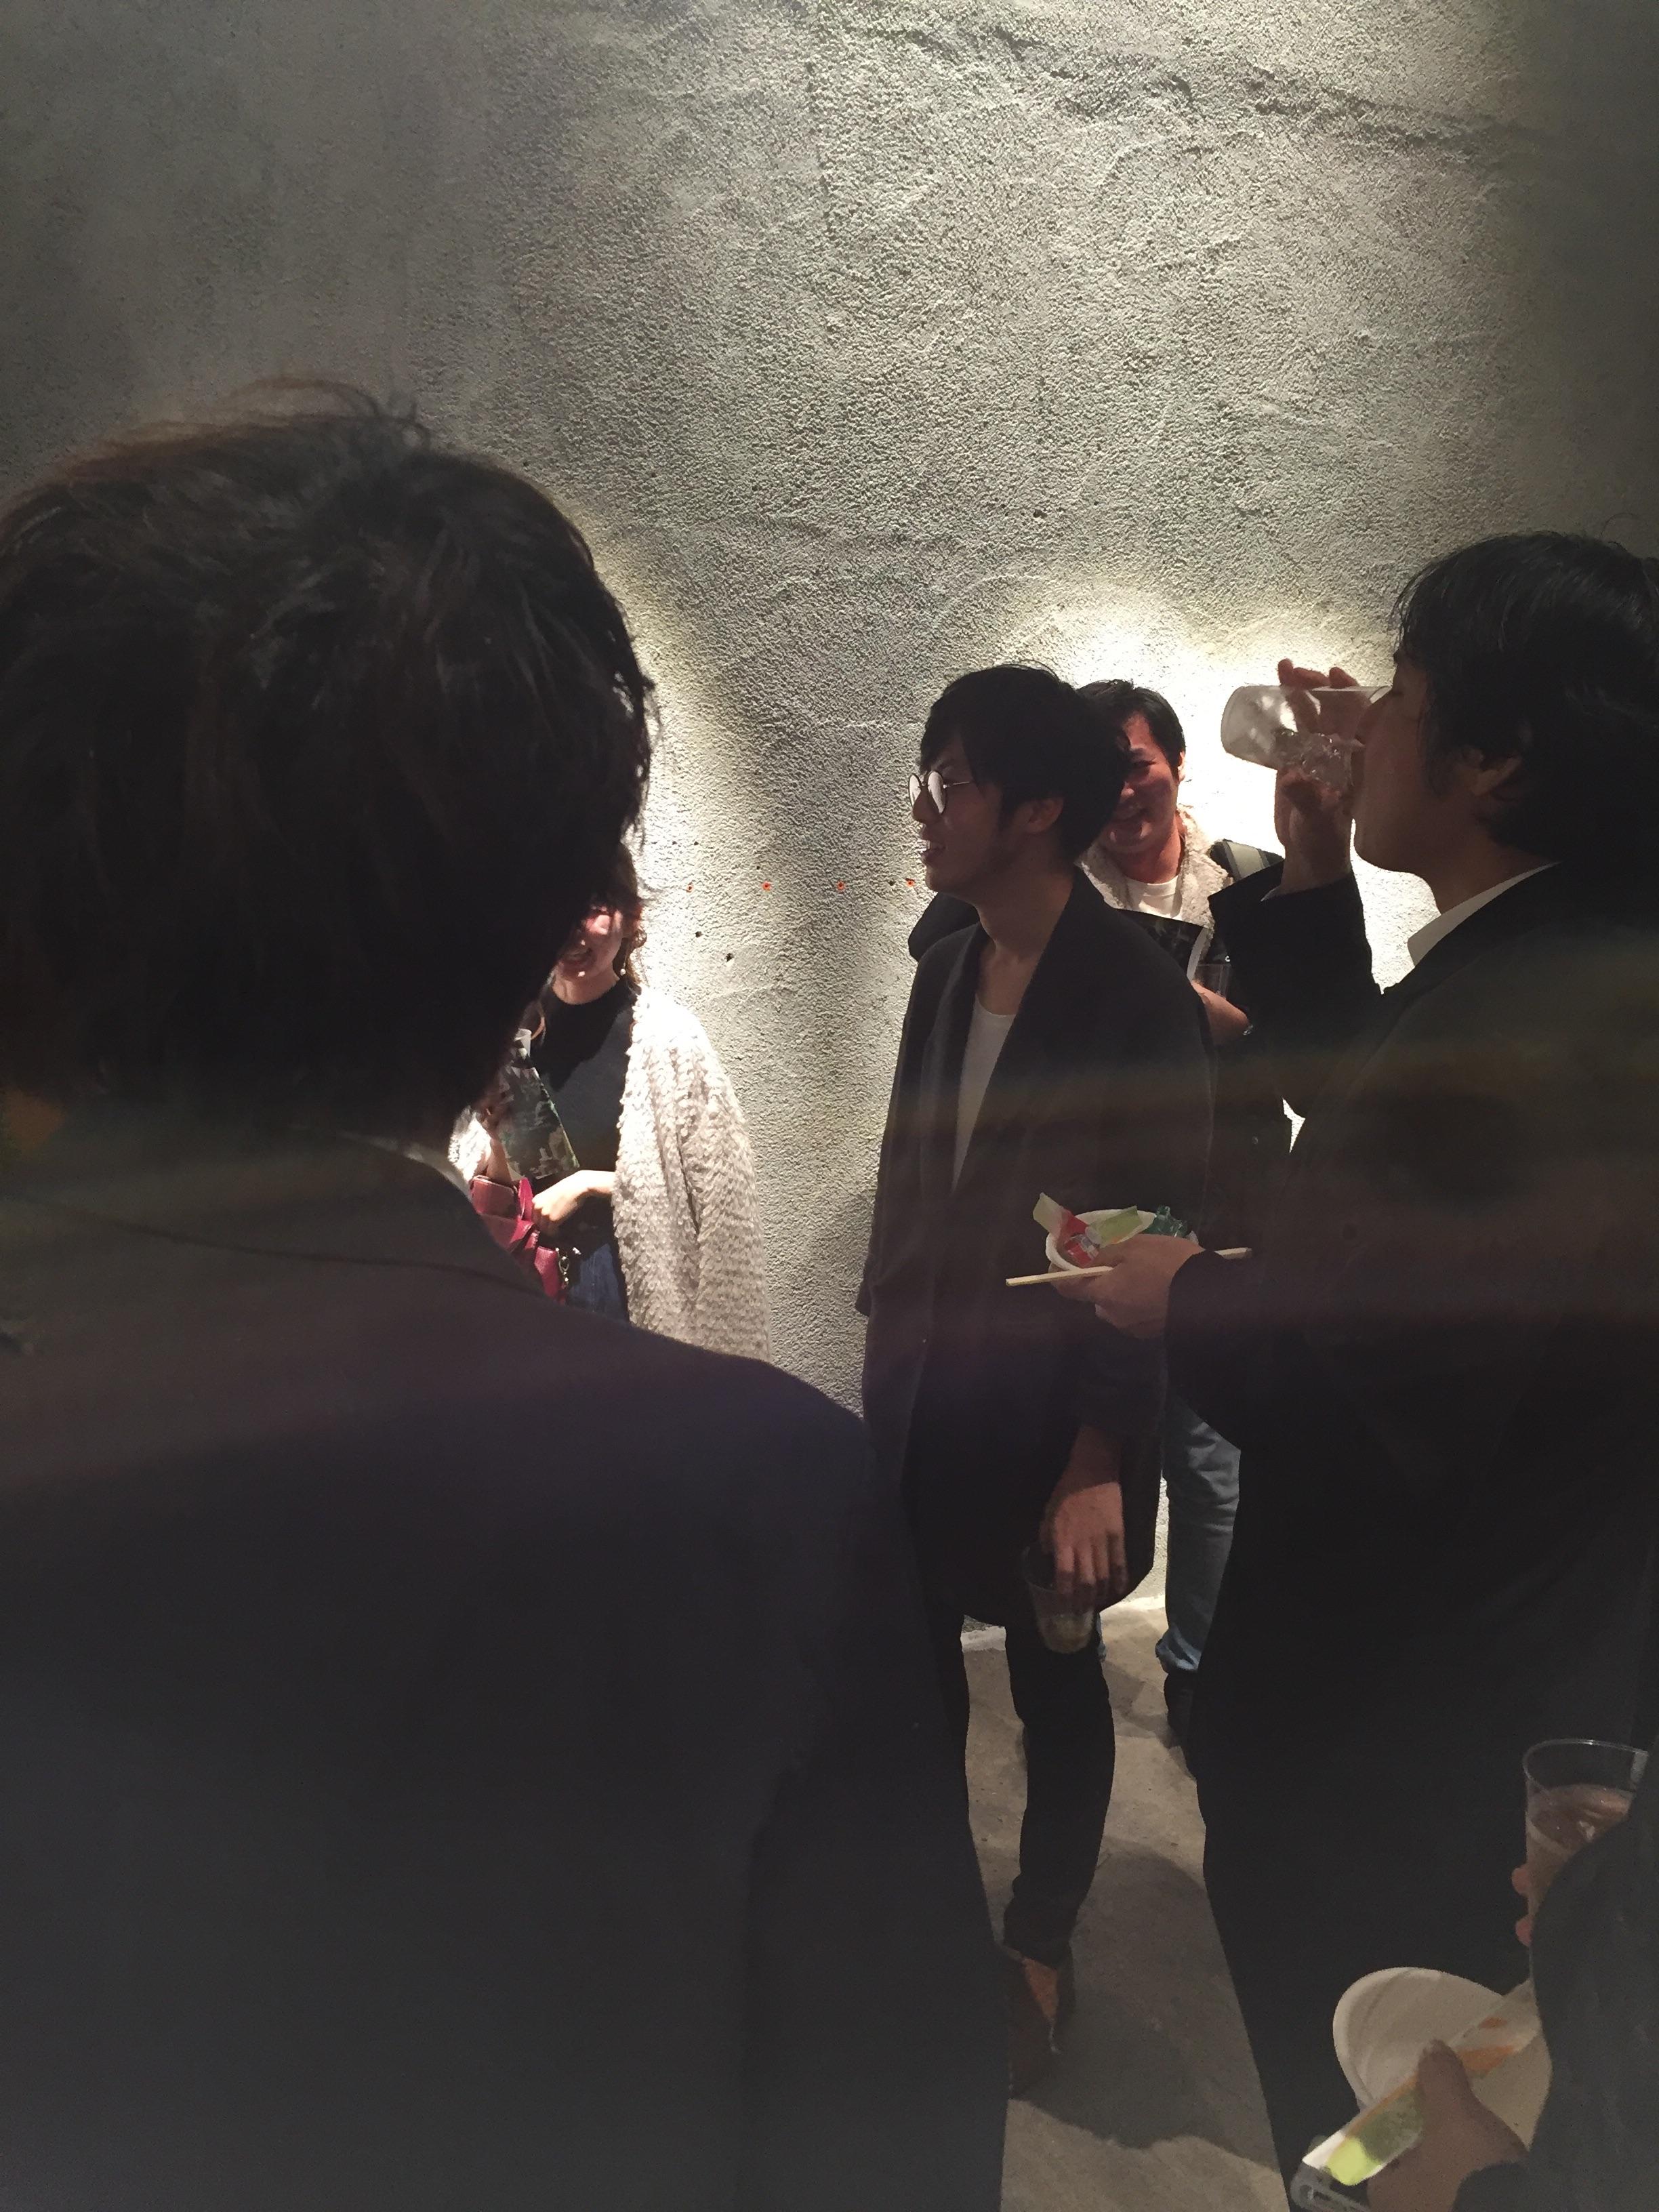 f:id:irohanihoheto-shinobi1105:20161124133704j:image